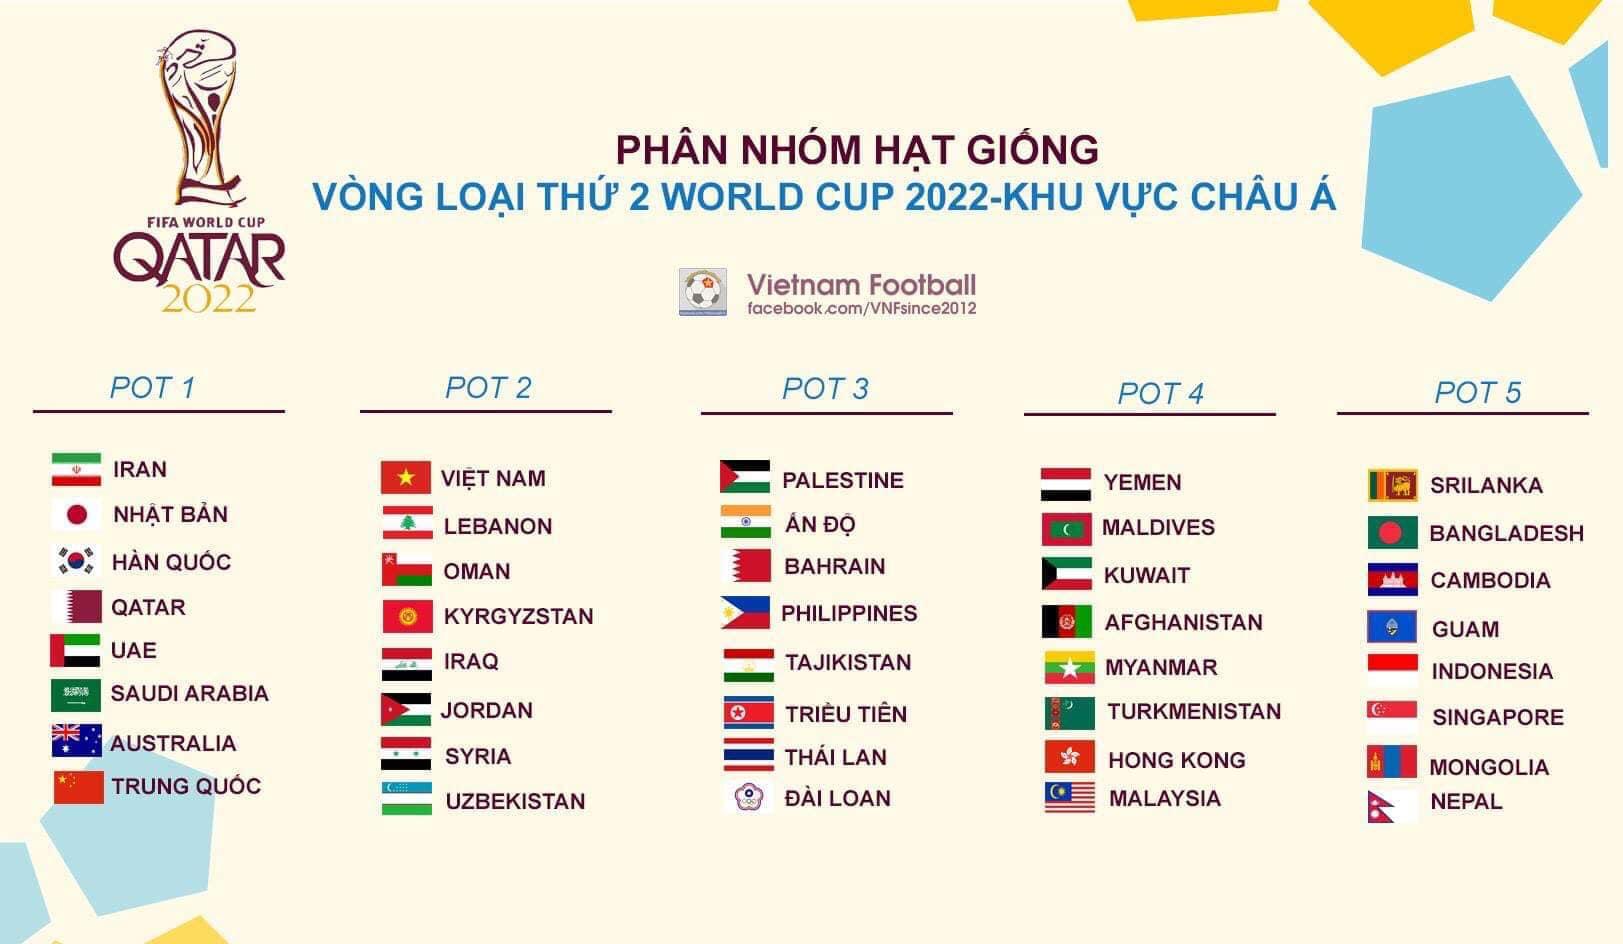 HLV Park Hang Seo không dự lễ bốc thăm vòng loại World Cup 2022  1